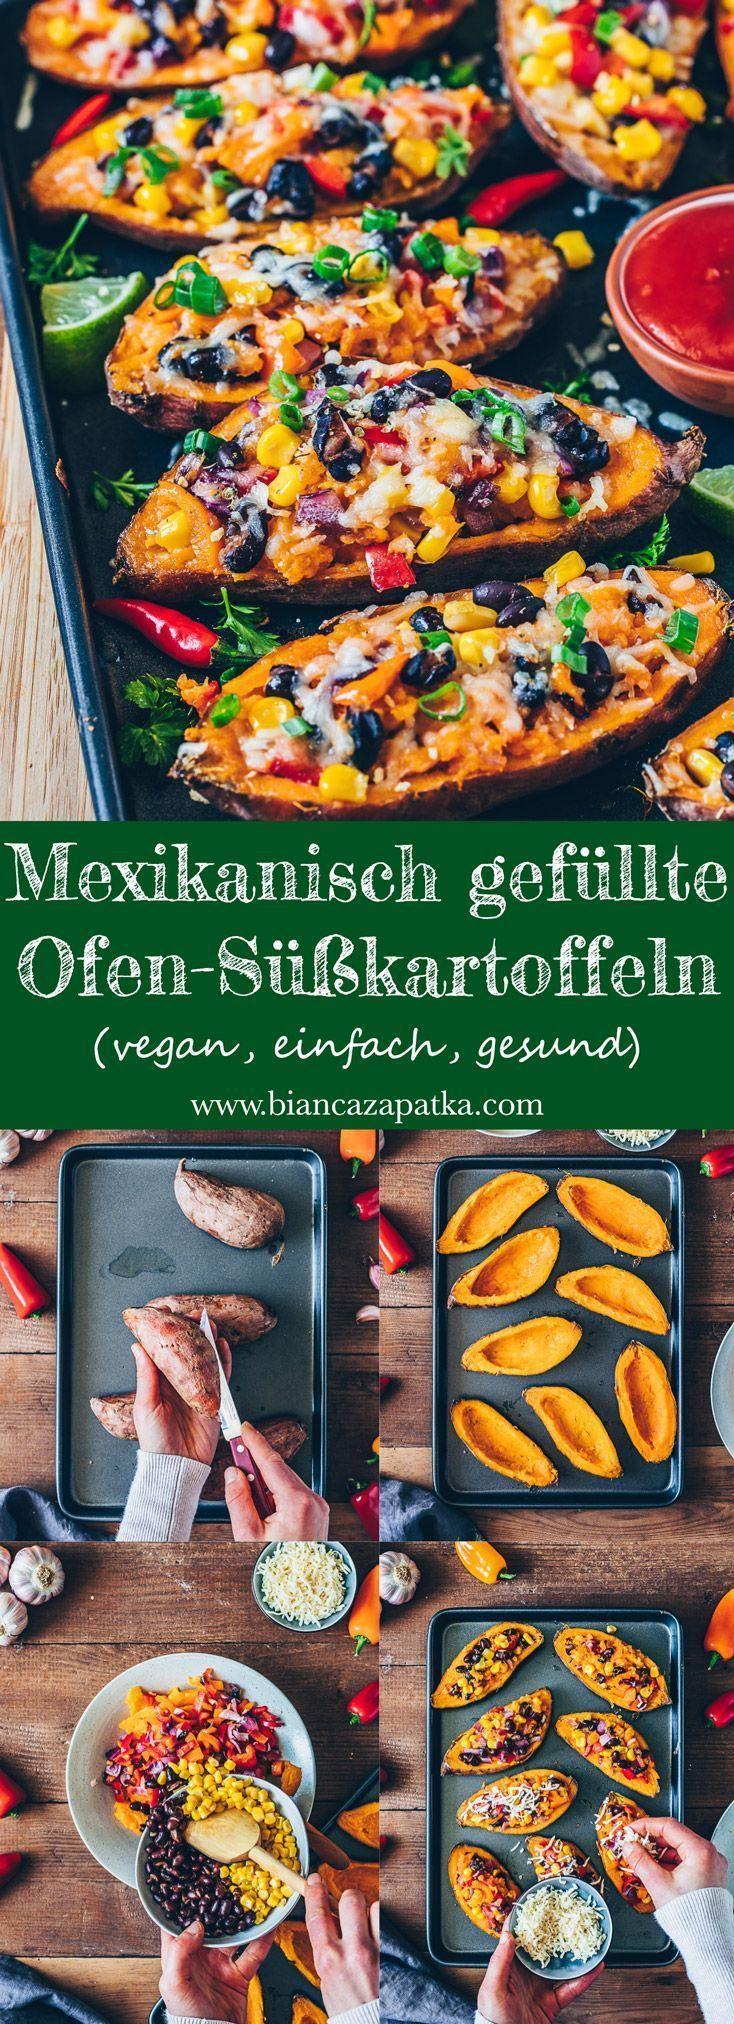 Mexikanisch gefüllte Süßkartoffeln - Vegan - Bianca Zapatka | Rezepte